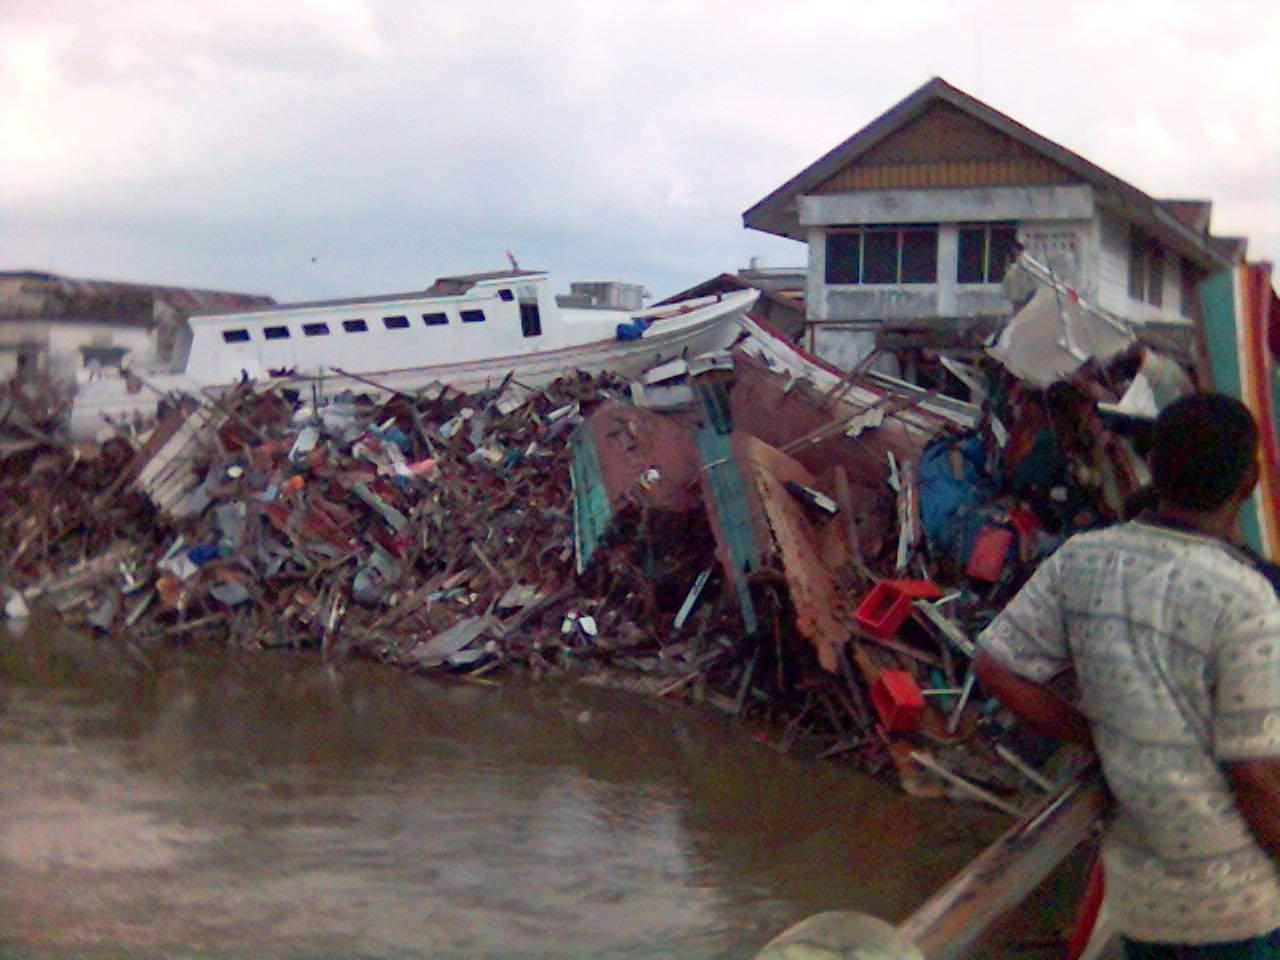 Makalah Tentang Pembunuhan Aneka Ragam Makalah Tsunami Aceh Hanif Muslim Muis